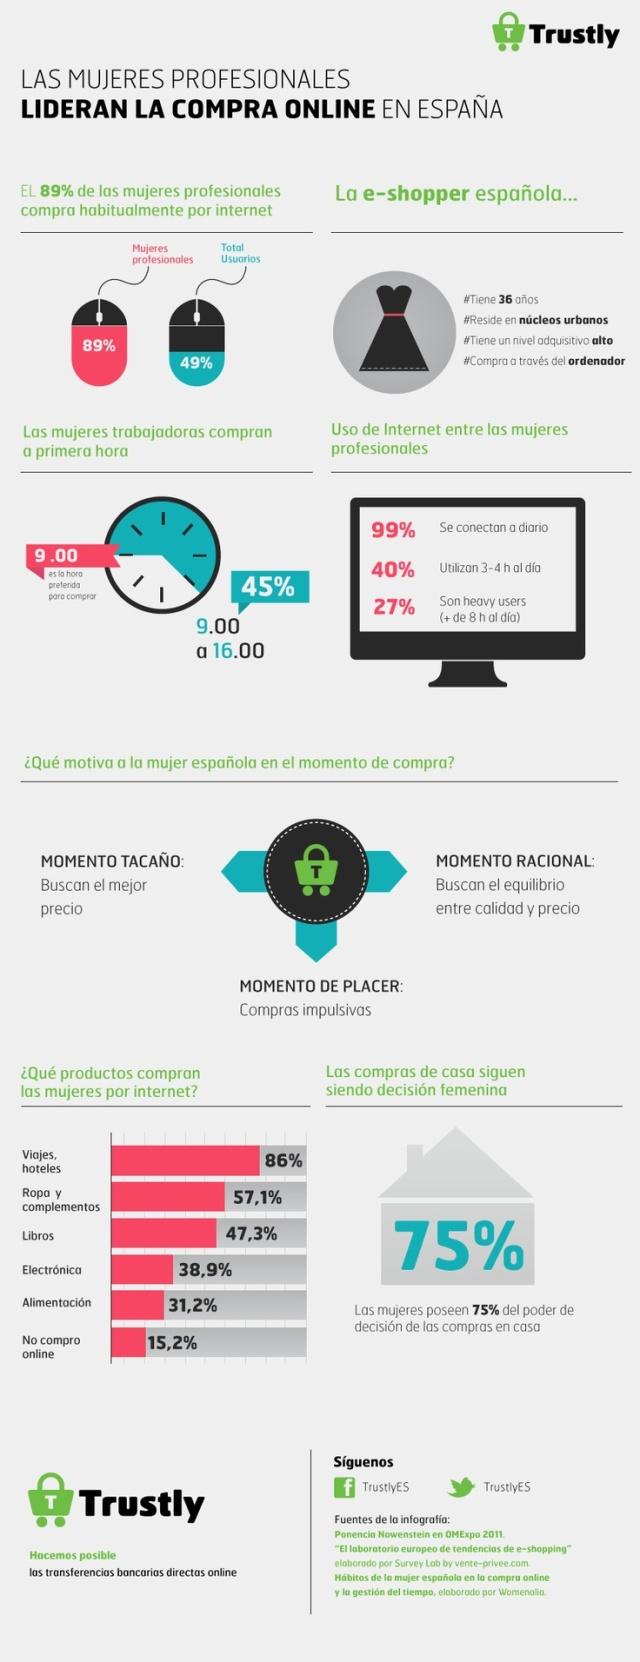 Hábitos de compra online de la mujer trabajadora en España